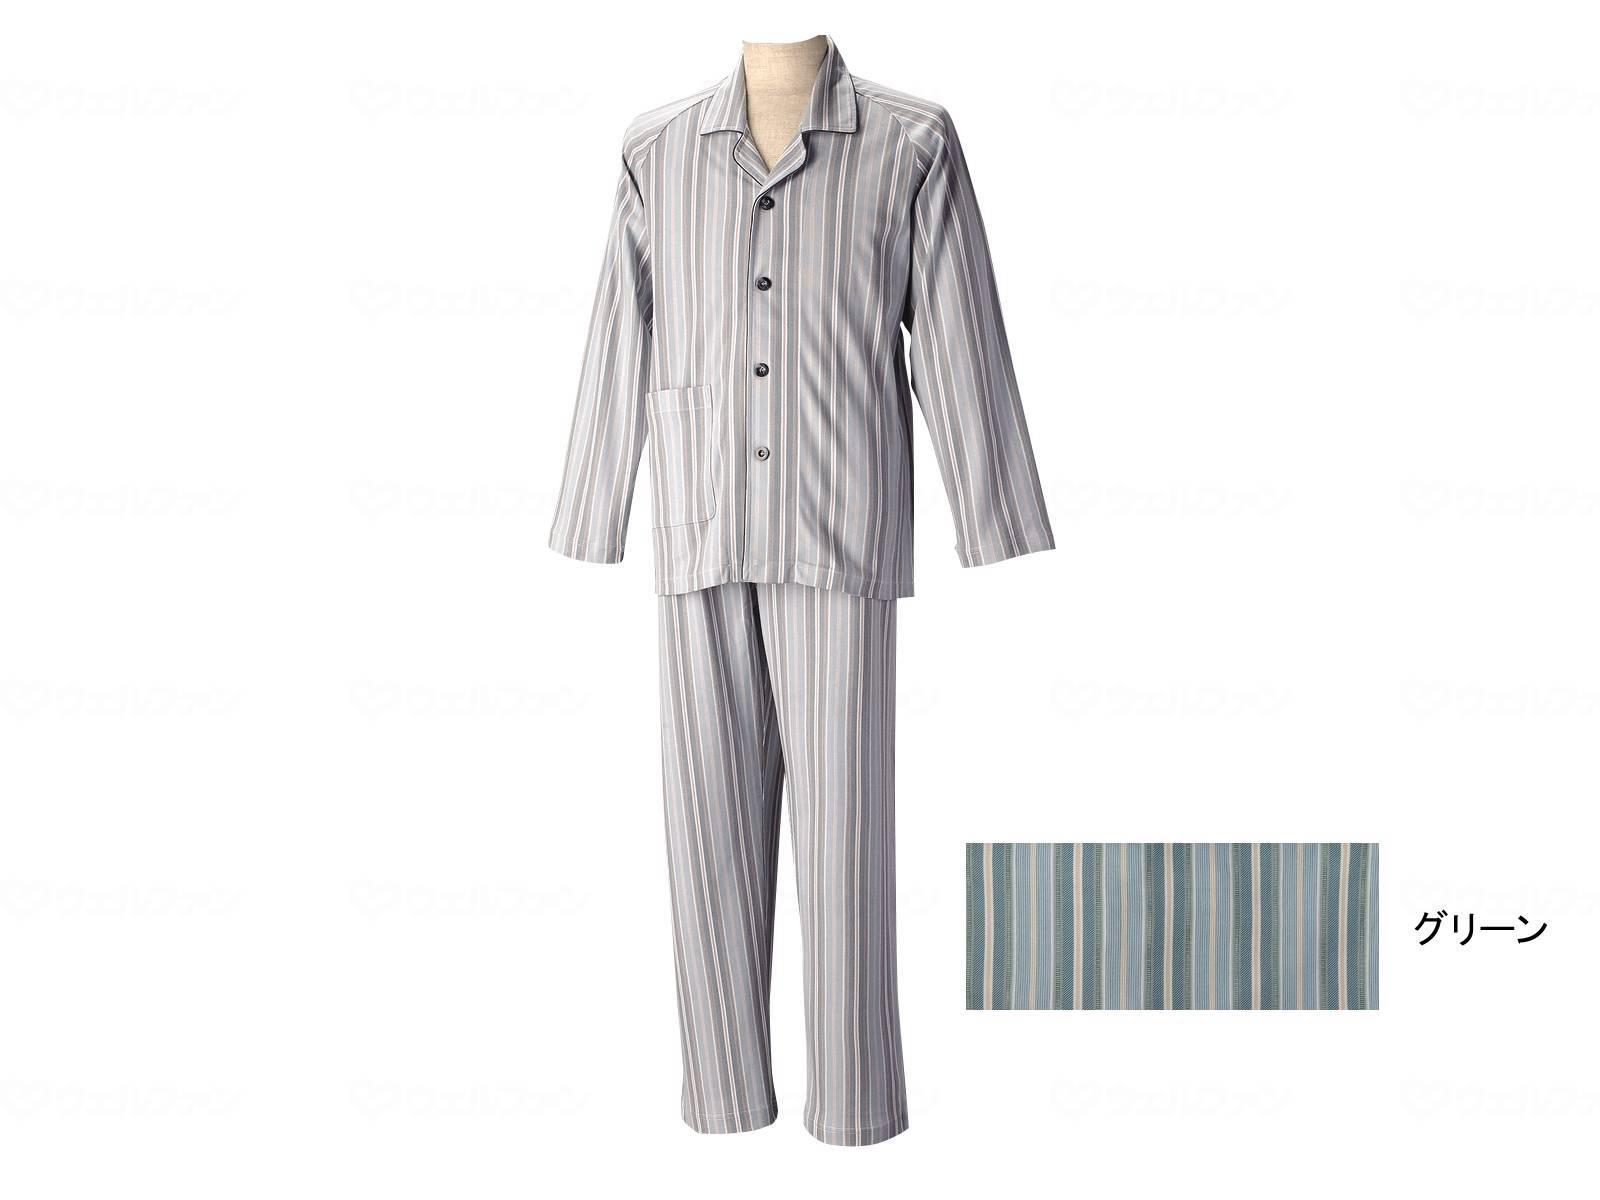 長袖パジャマ(紳士セット)通年用の画像